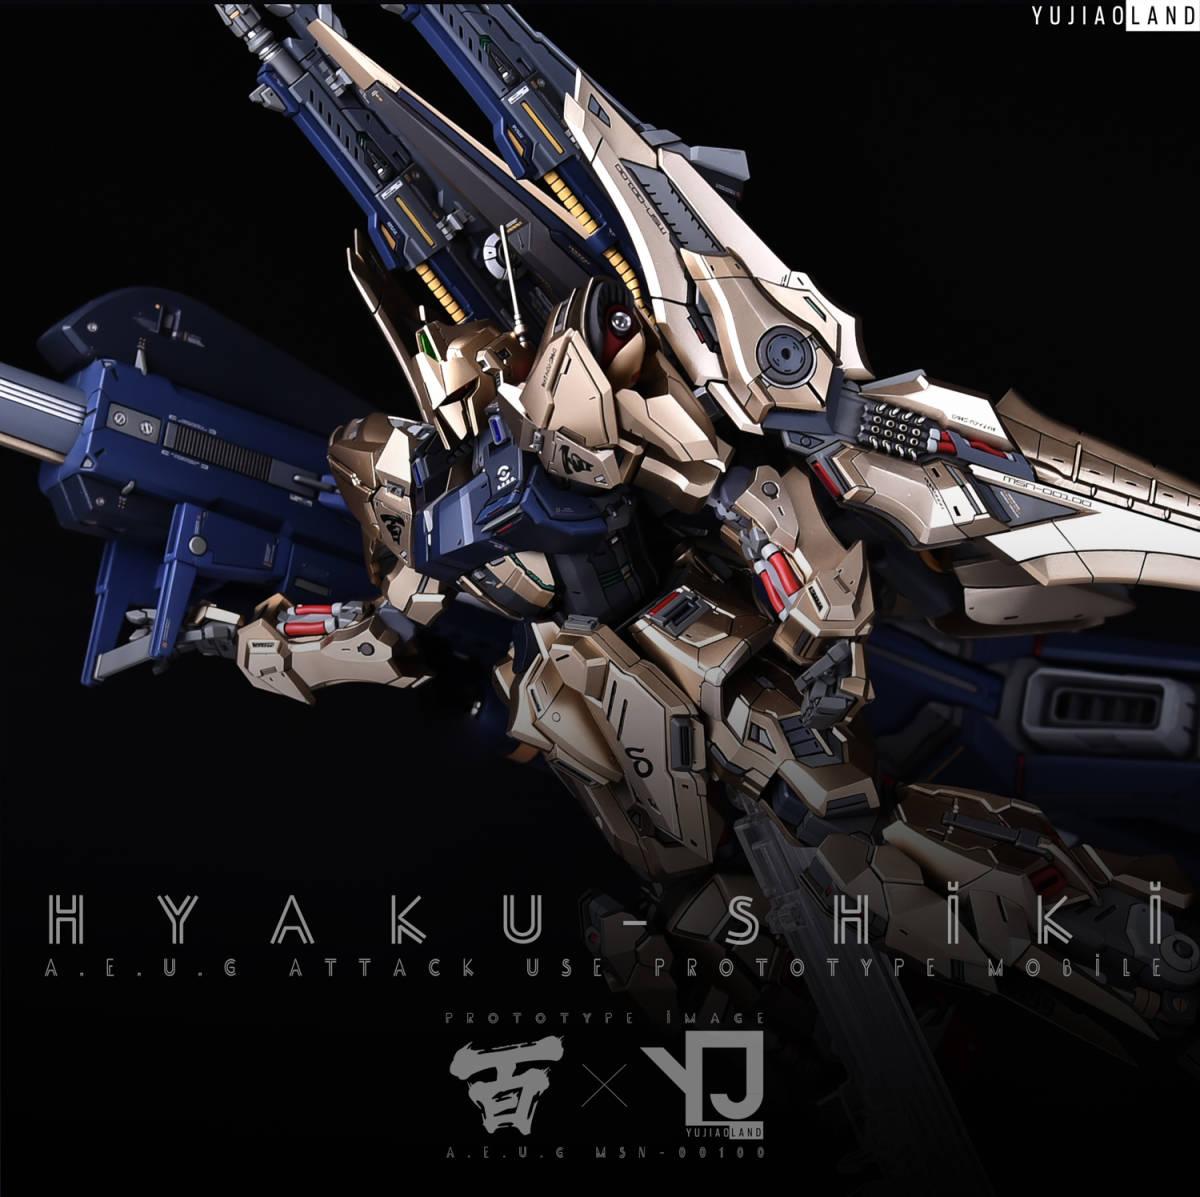 G157_yujiaoland_hyaku_shiki_004.jpg